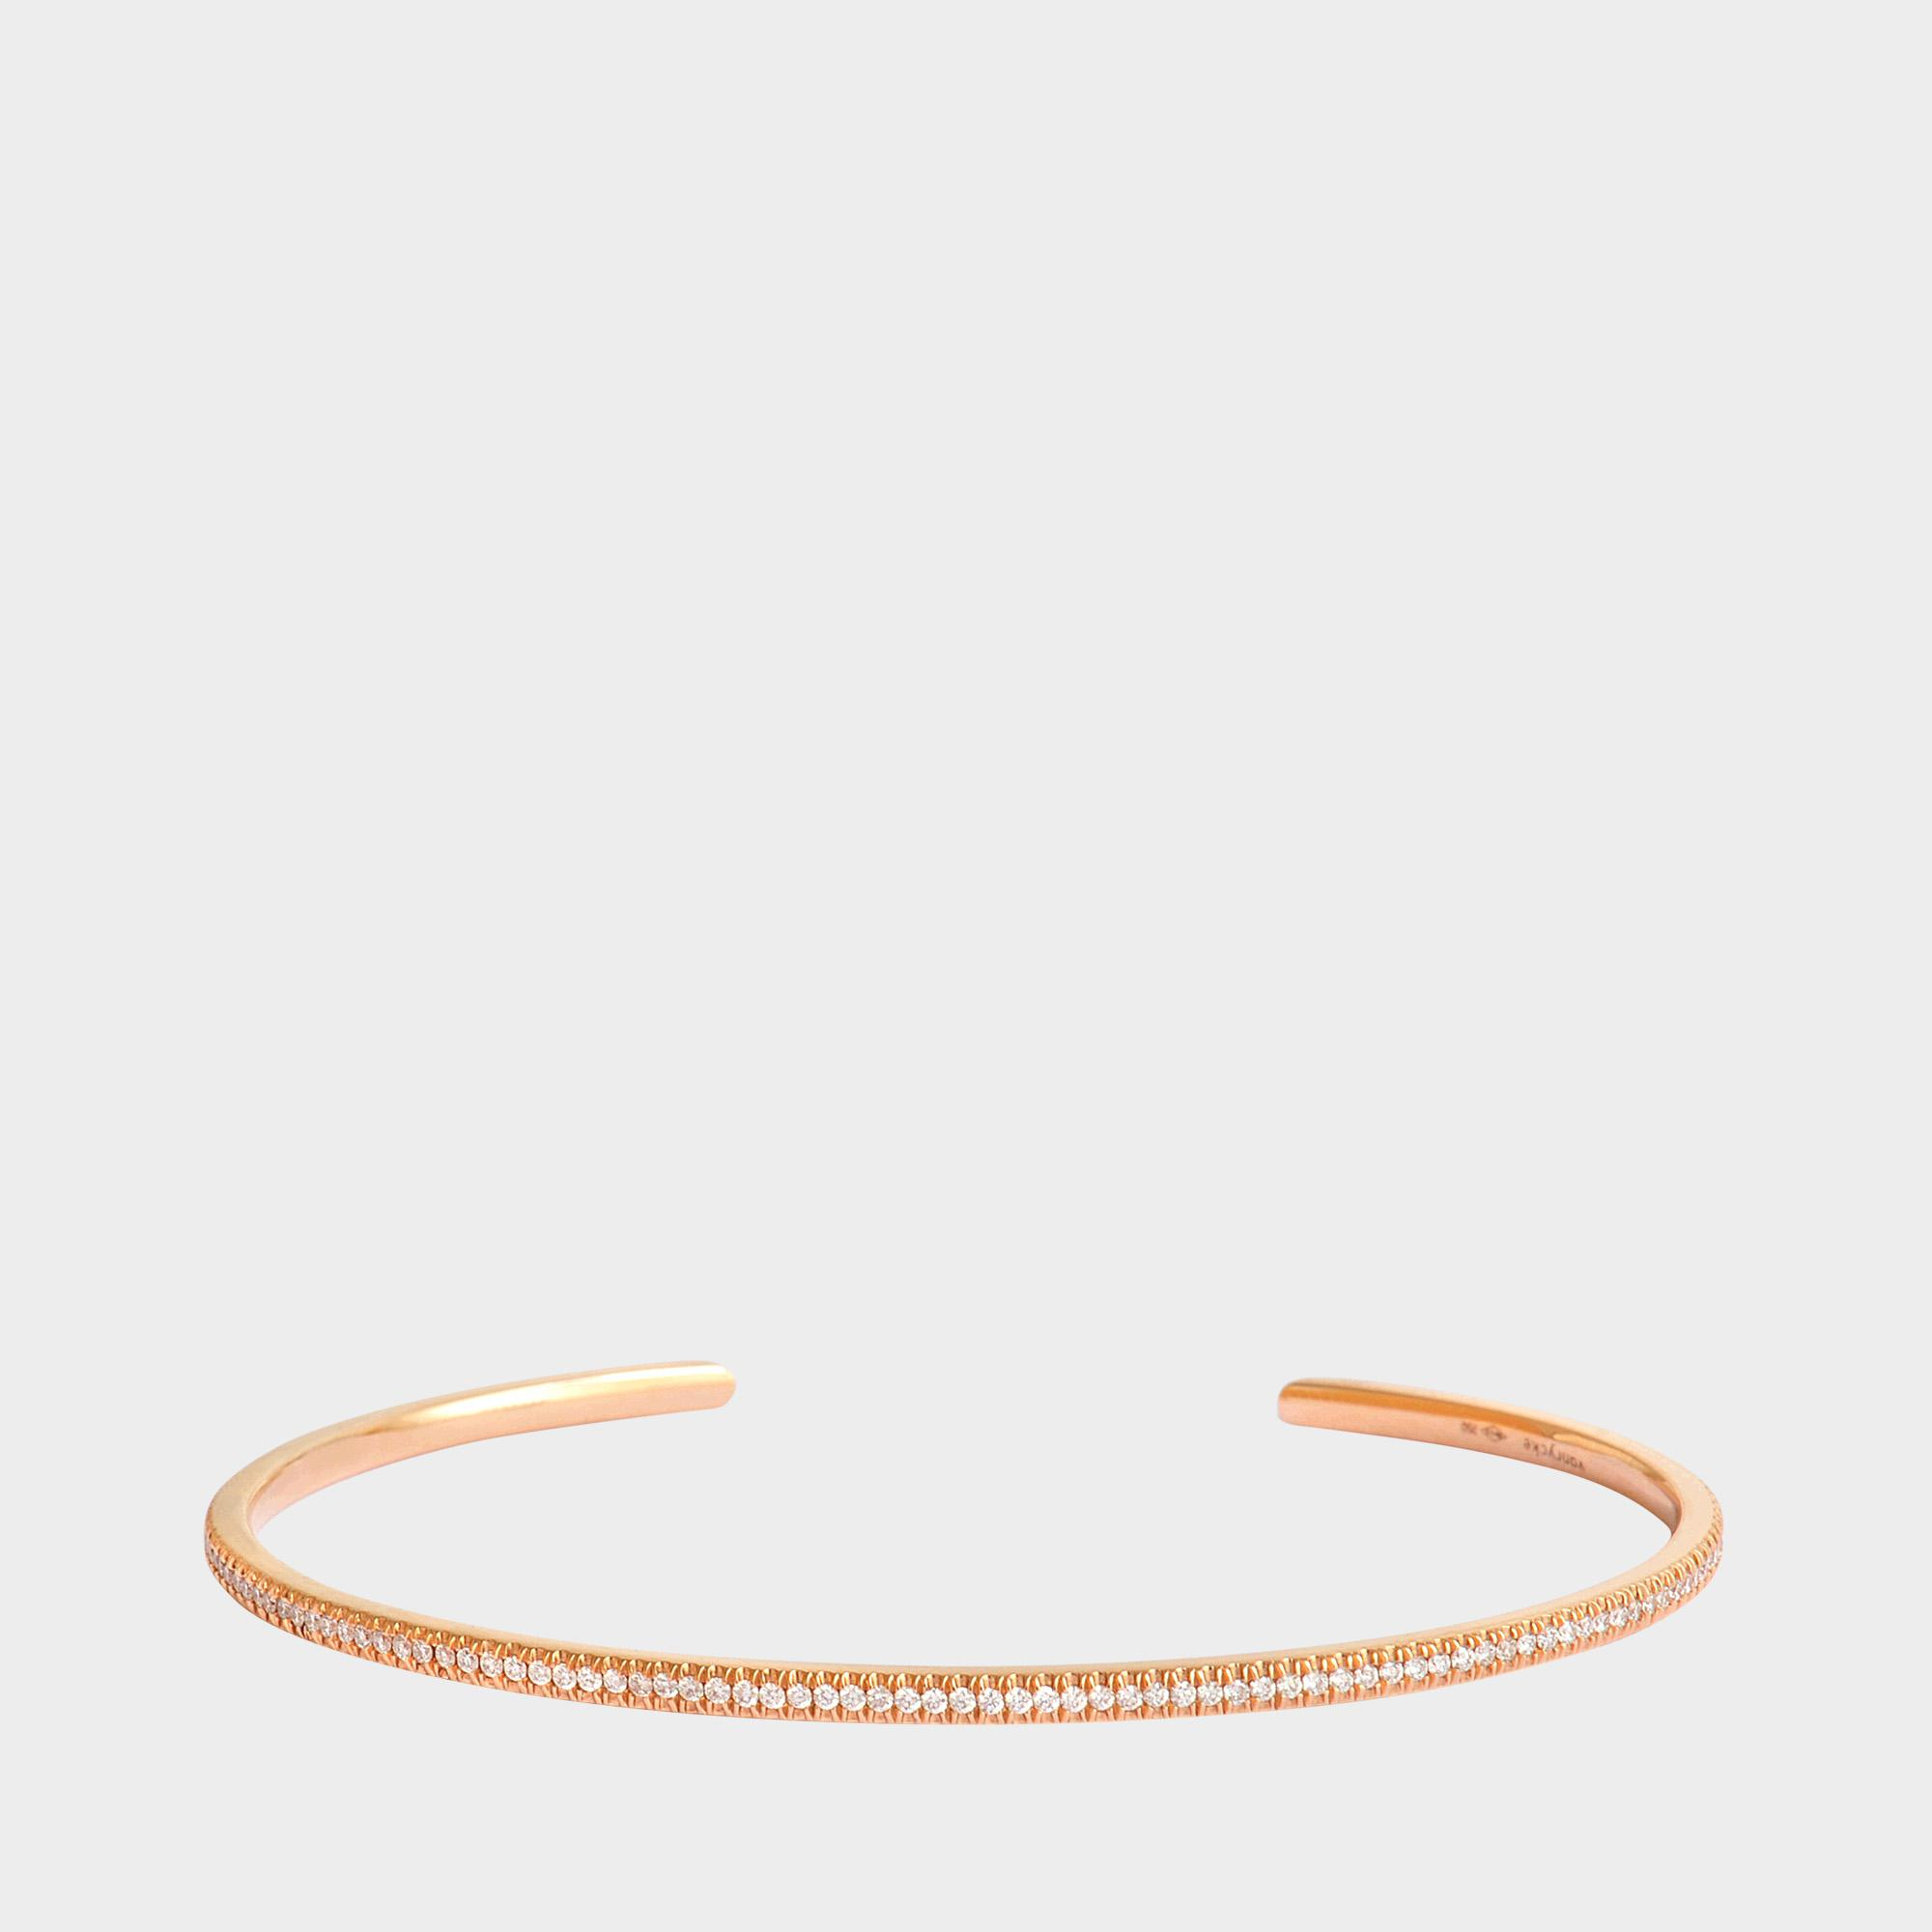 Officiel bracelet 750 gold and diamonds Vanrycke myE74Sousd